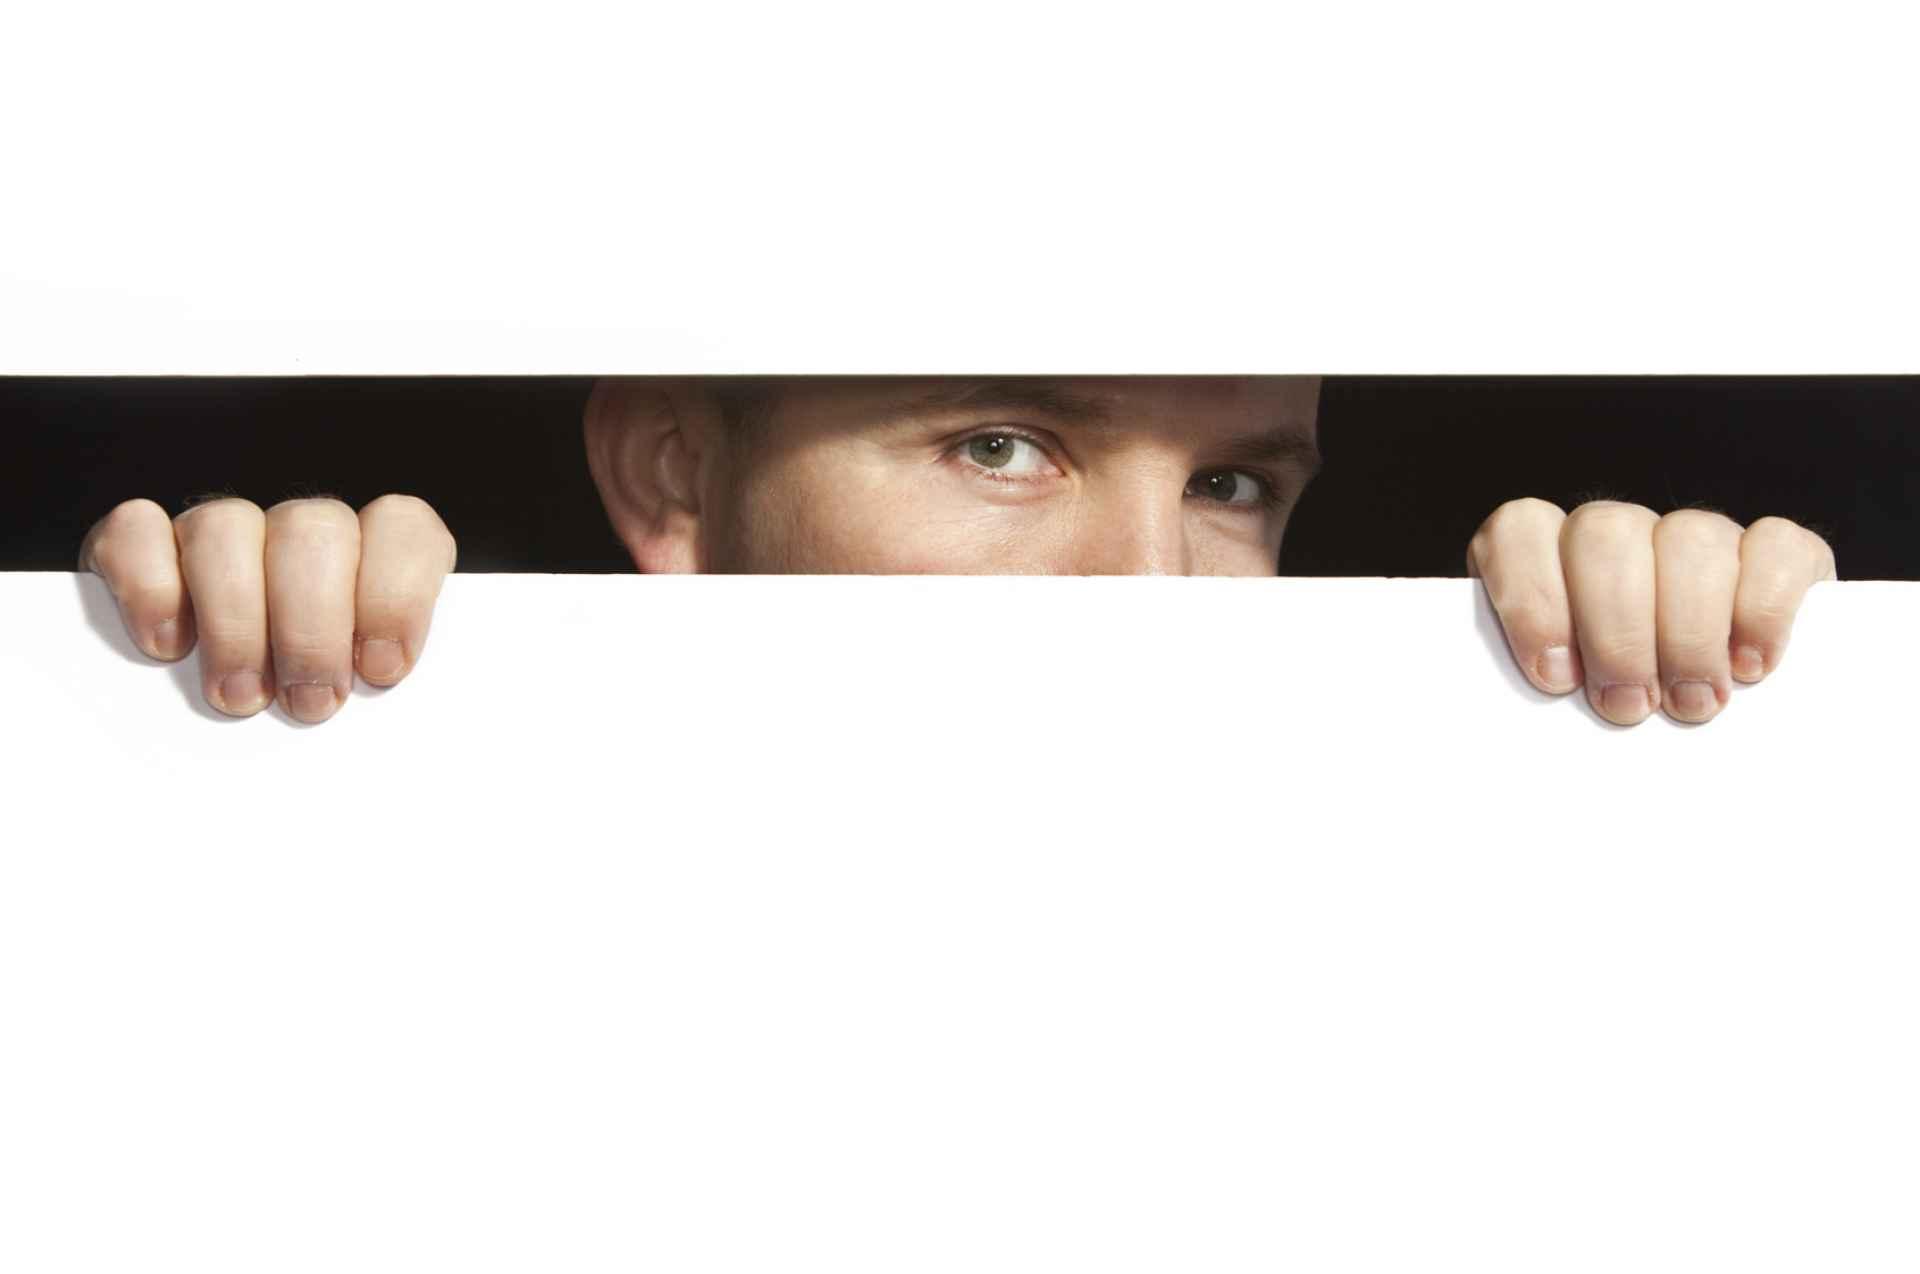 De grootste voyeur ter wereld SDC.com